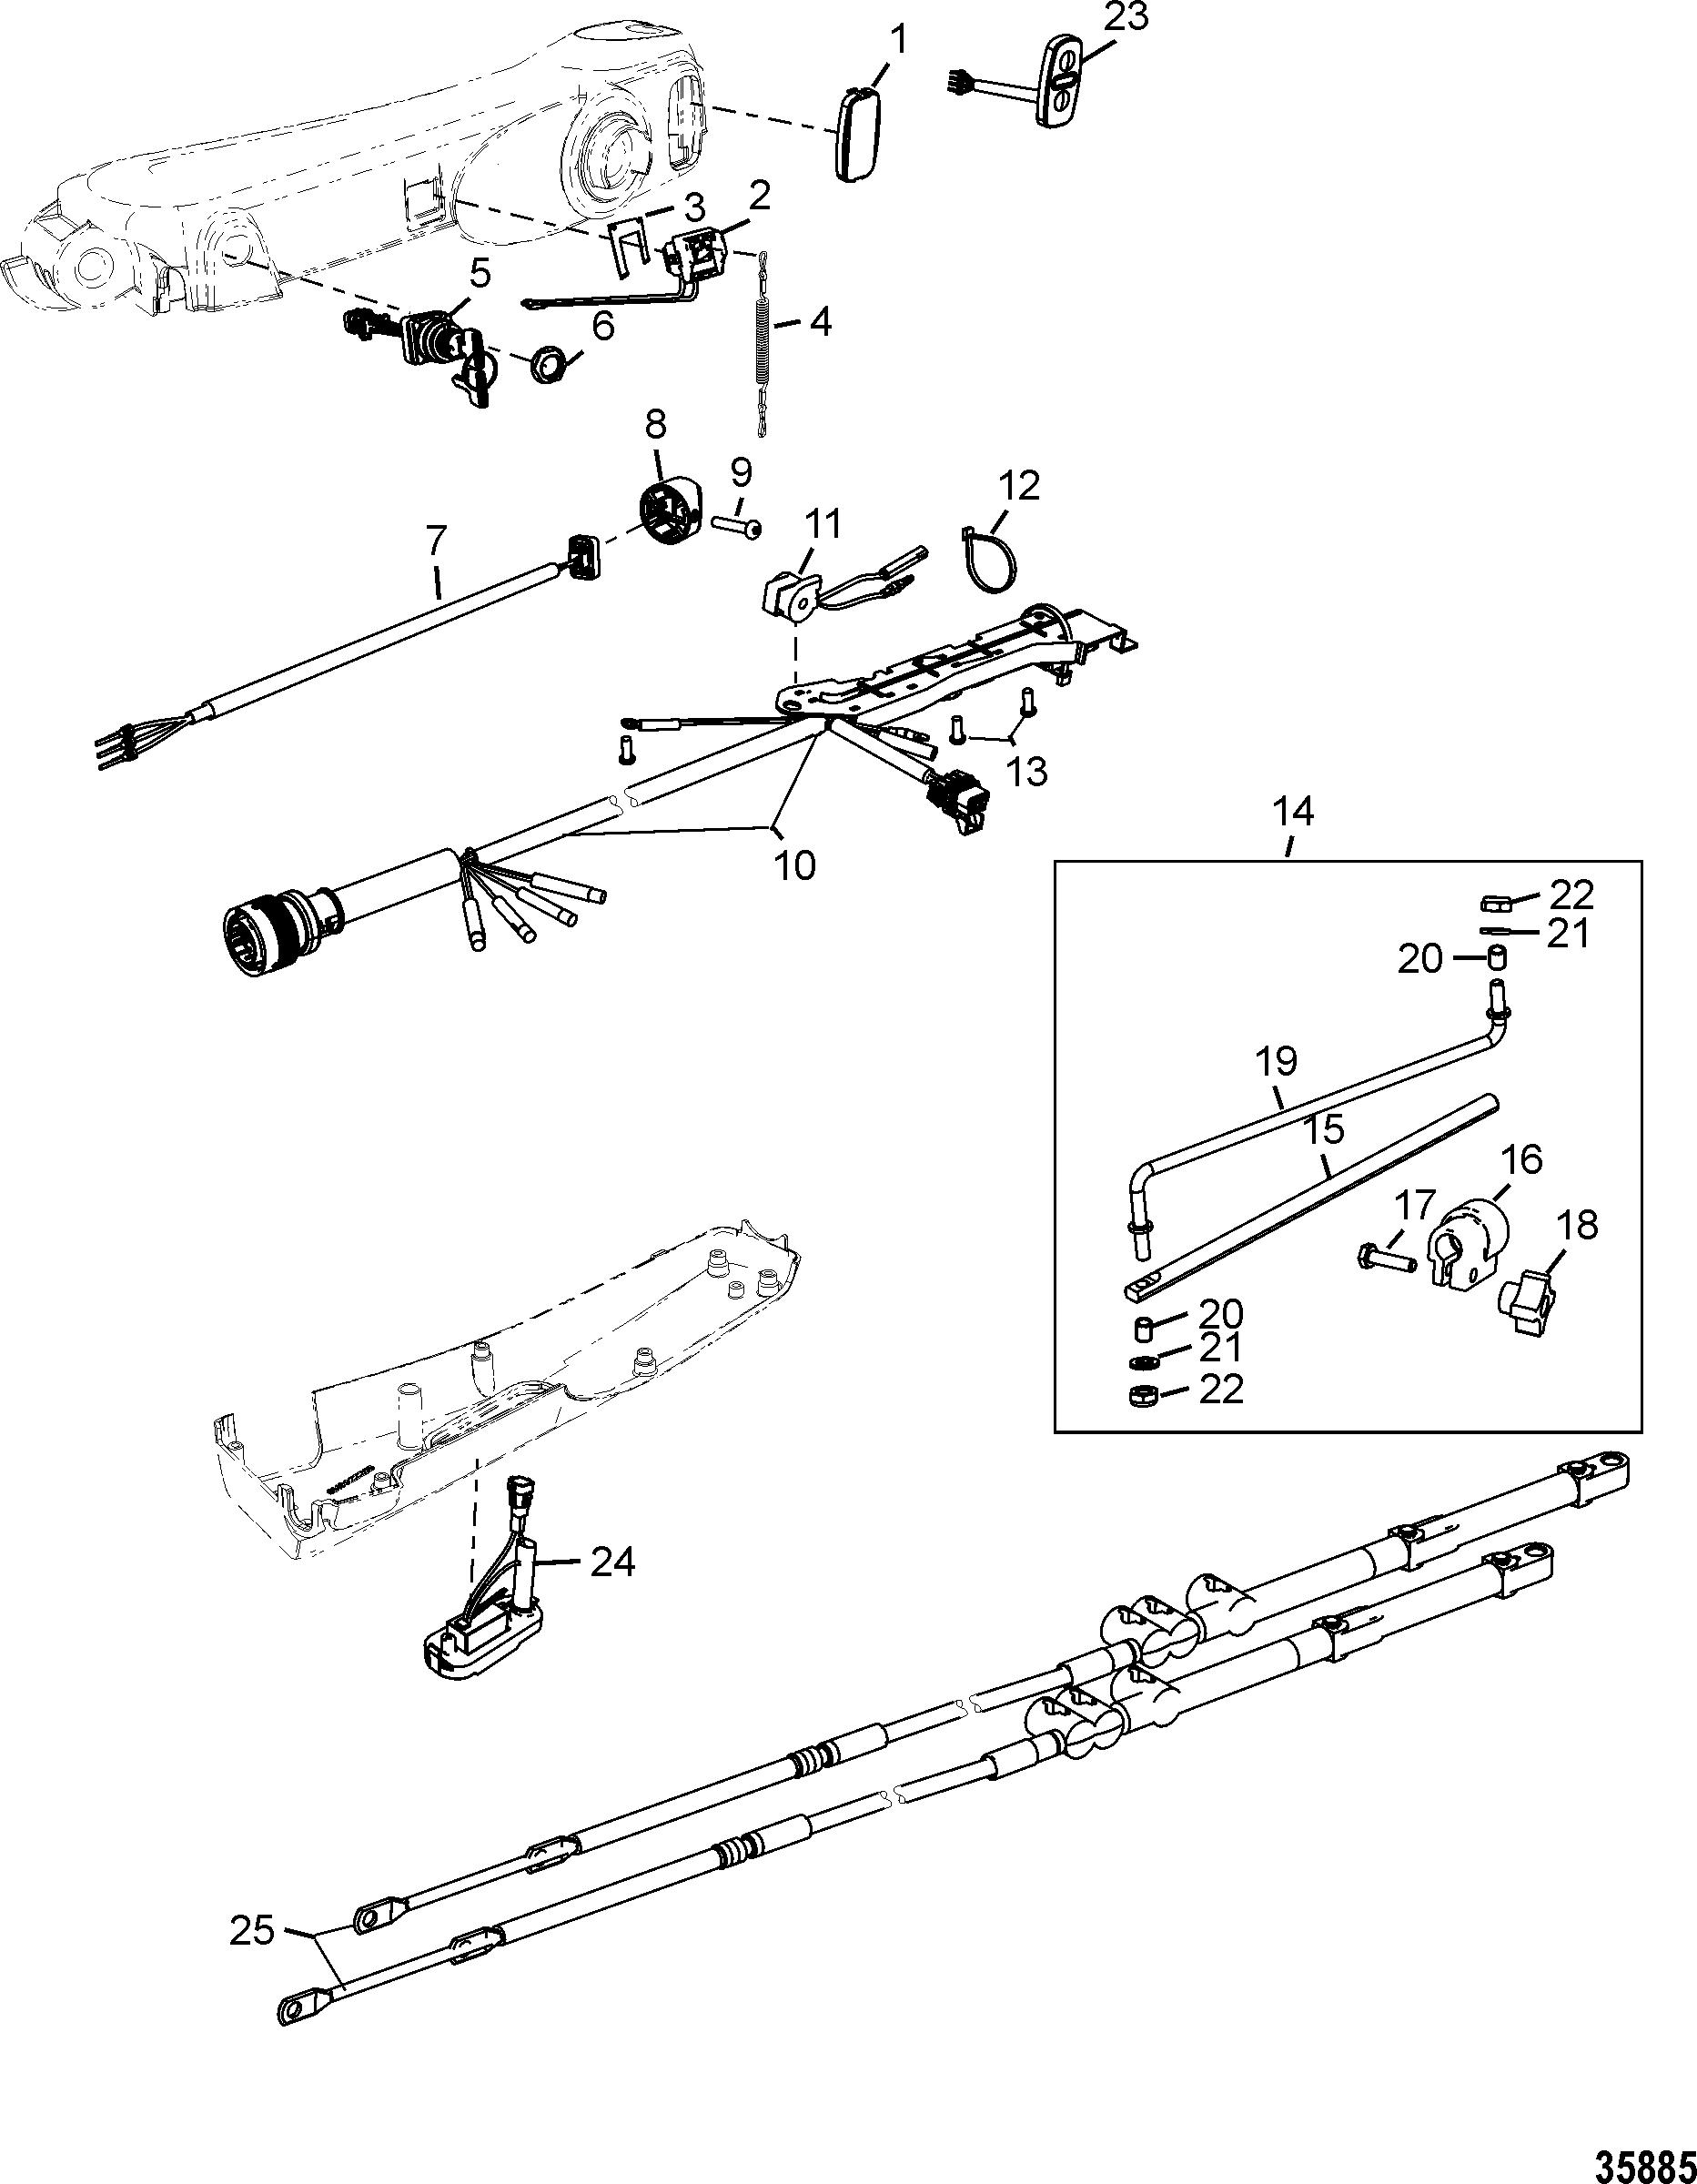 Tiller Handle Kit Components Big Tiller Manual Mechanical